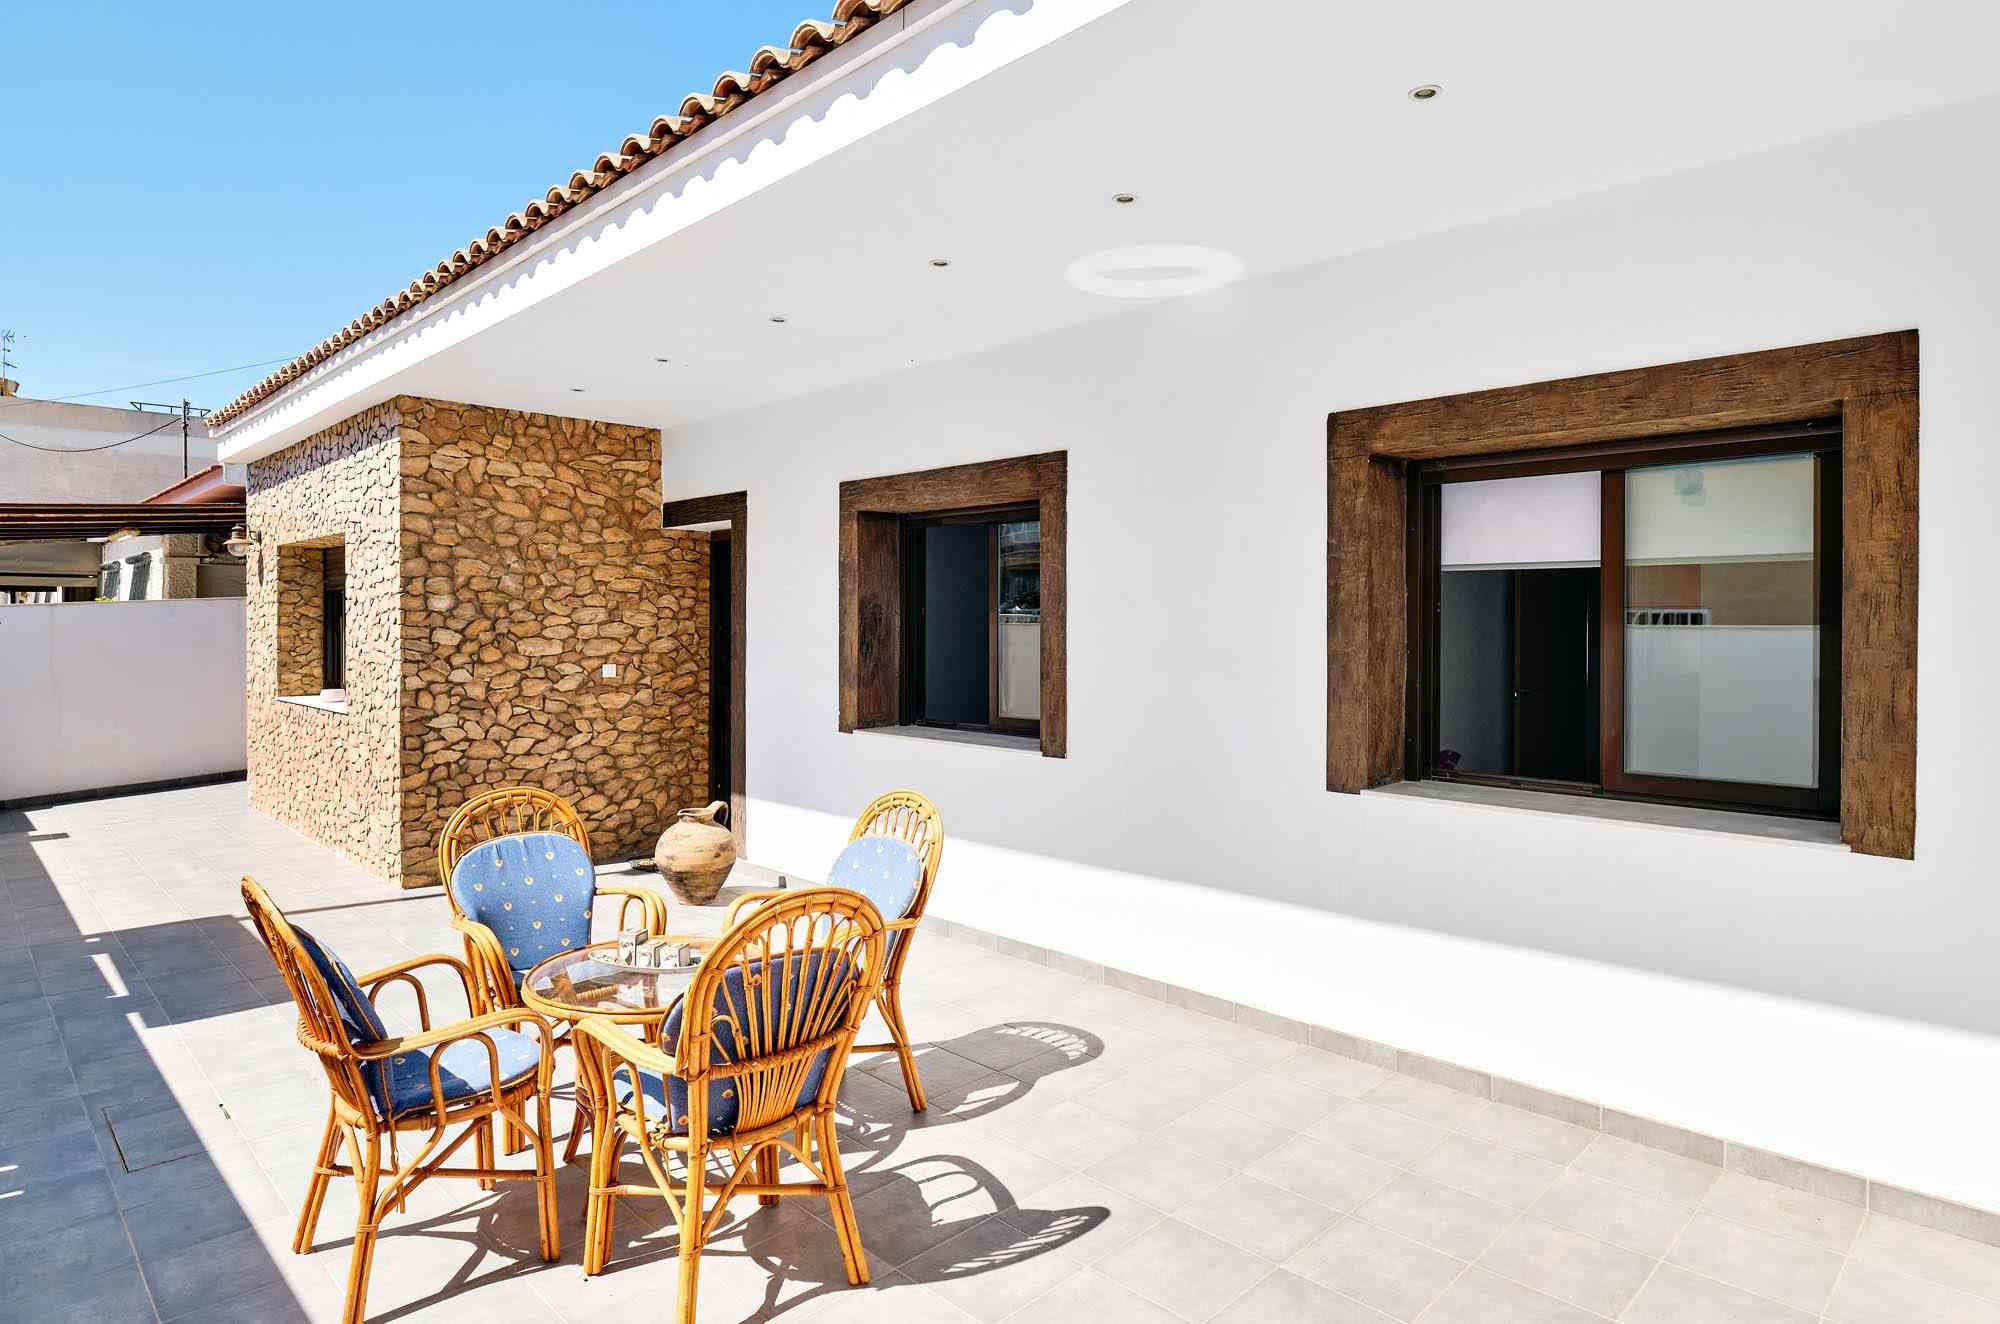 For sale: 4 bedroom house / villa in Pilar de la Horadada, Costa Blanca